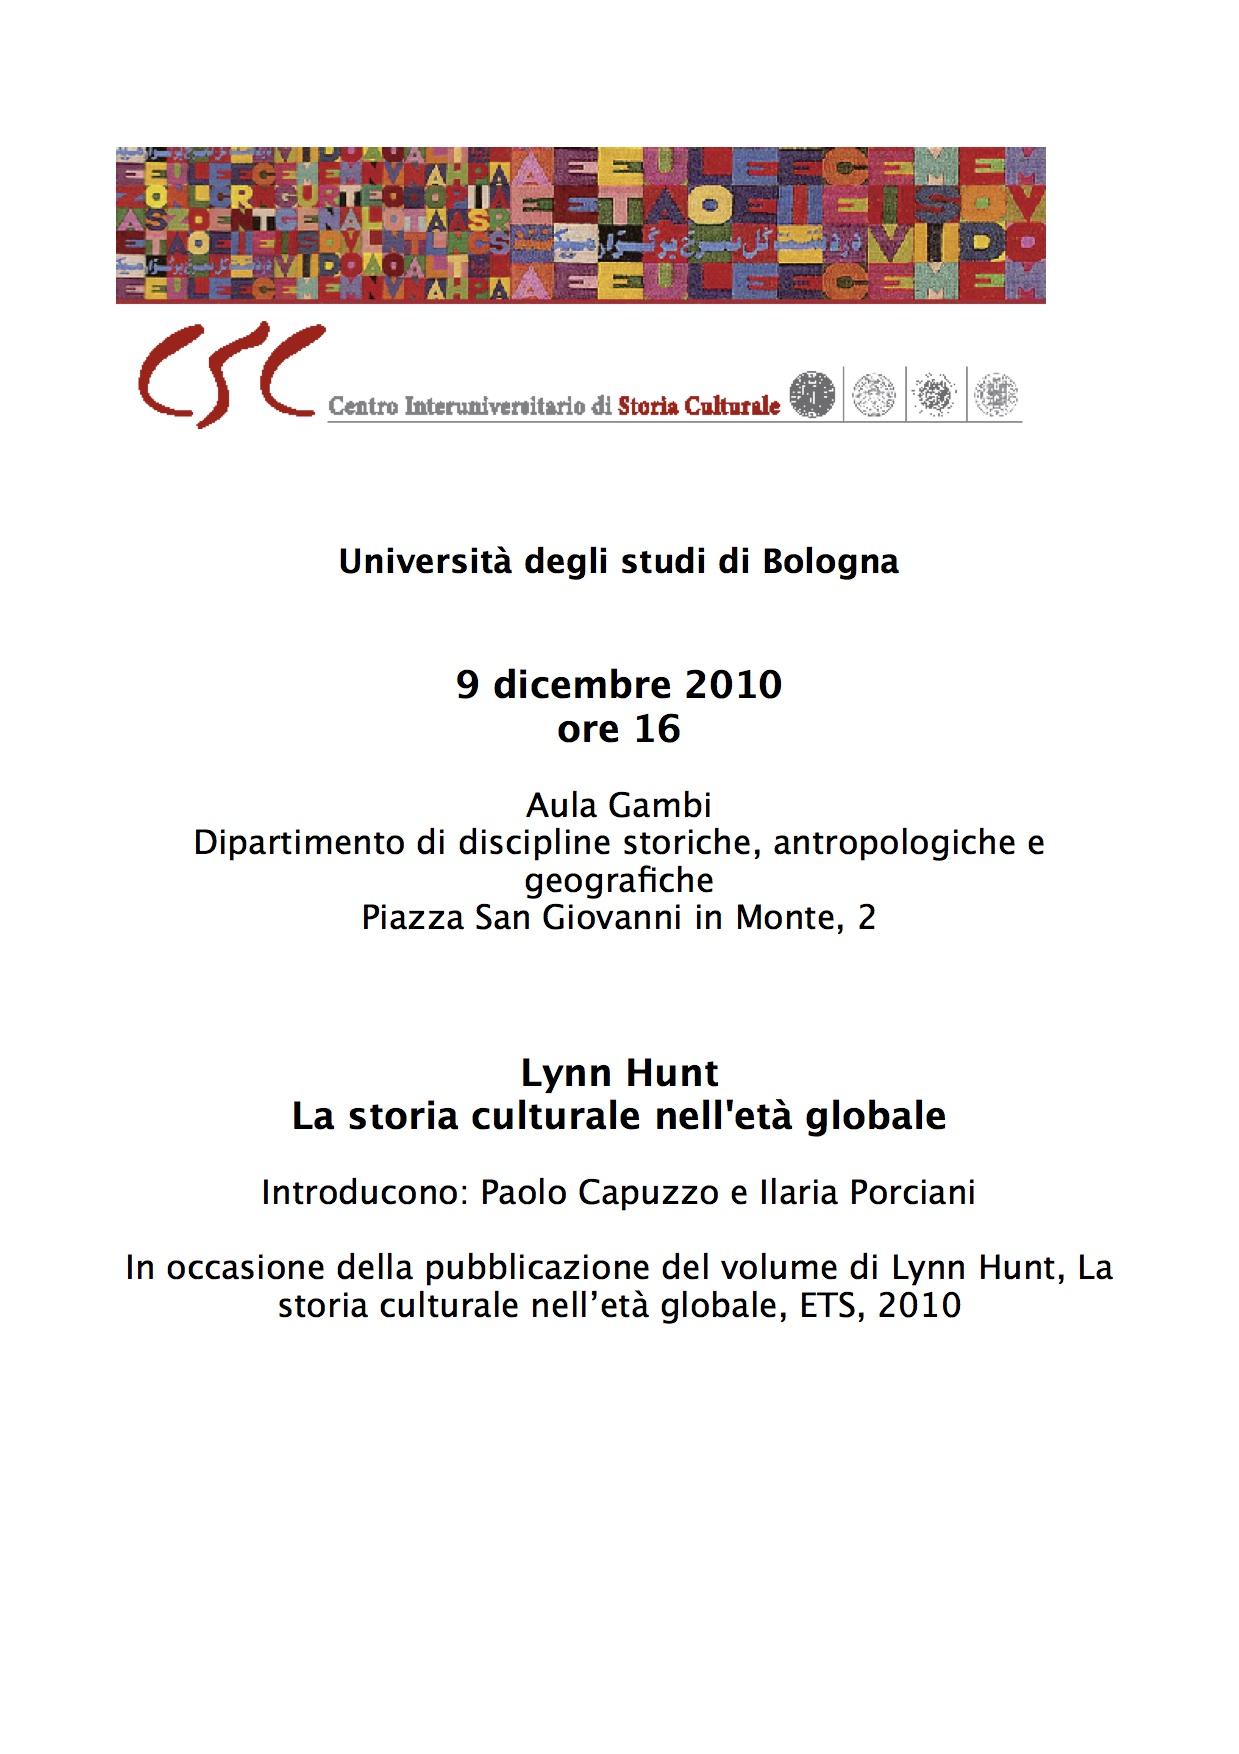 2010-12 (BO) La storia culturale nell'età globale.jpg